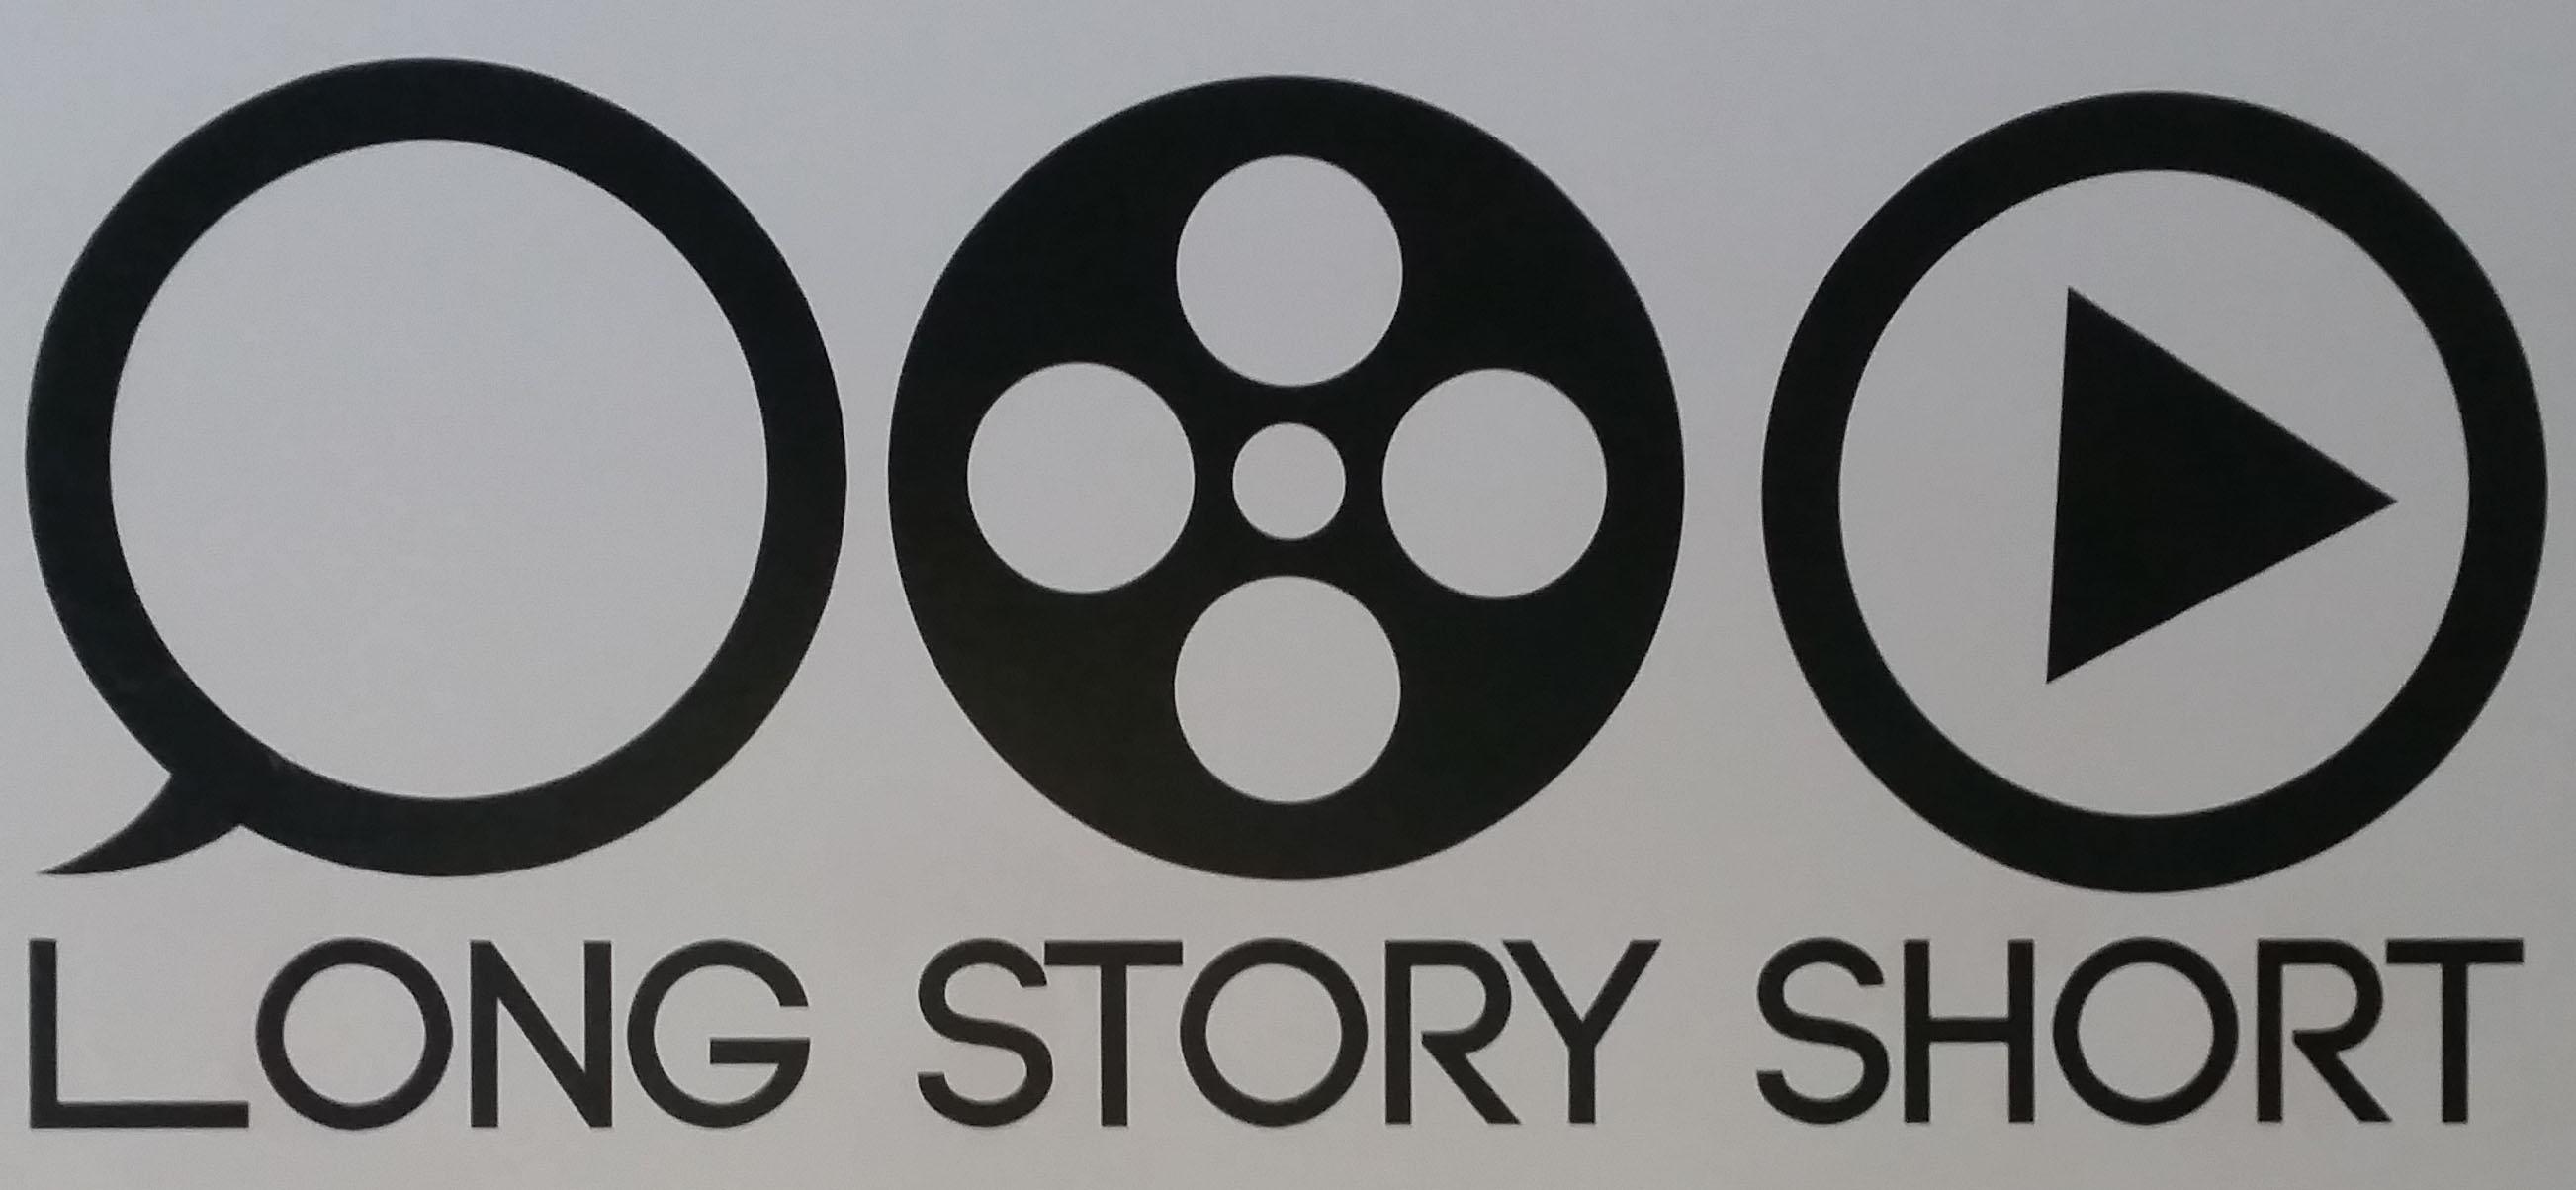 Long Story Short Pte Ltd